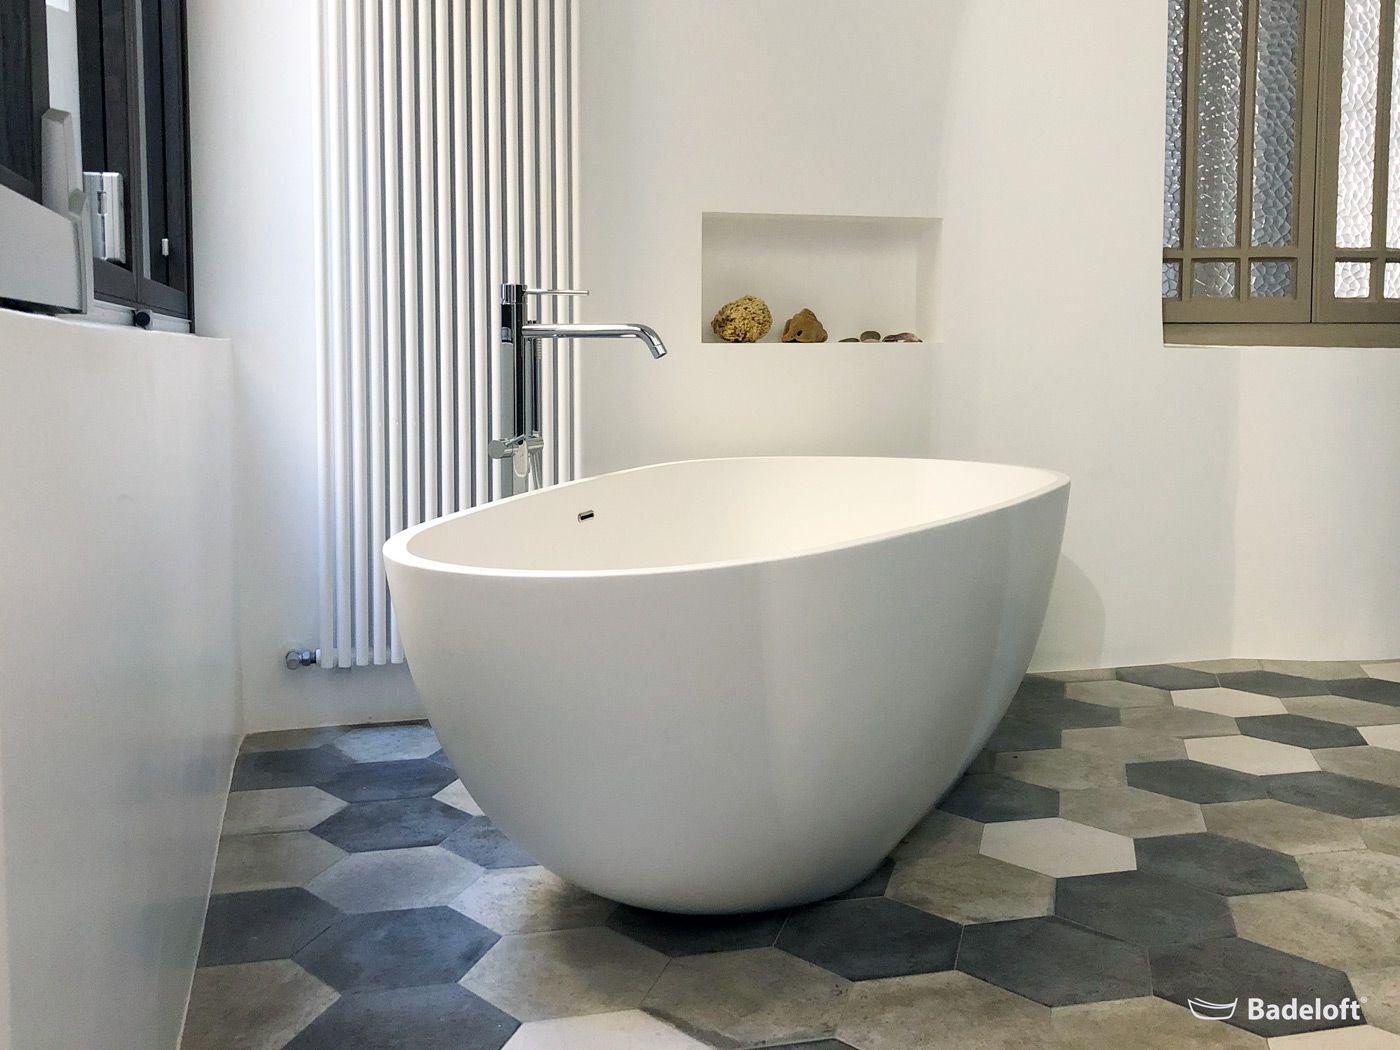 Eine Freistehende Badewanne Ist Der Inbegriff Von Modernem Luxus Badeloft Freistehende Badewanne Bathtub Badewanne Badewanne Umbauen Badezimmer Renovieren